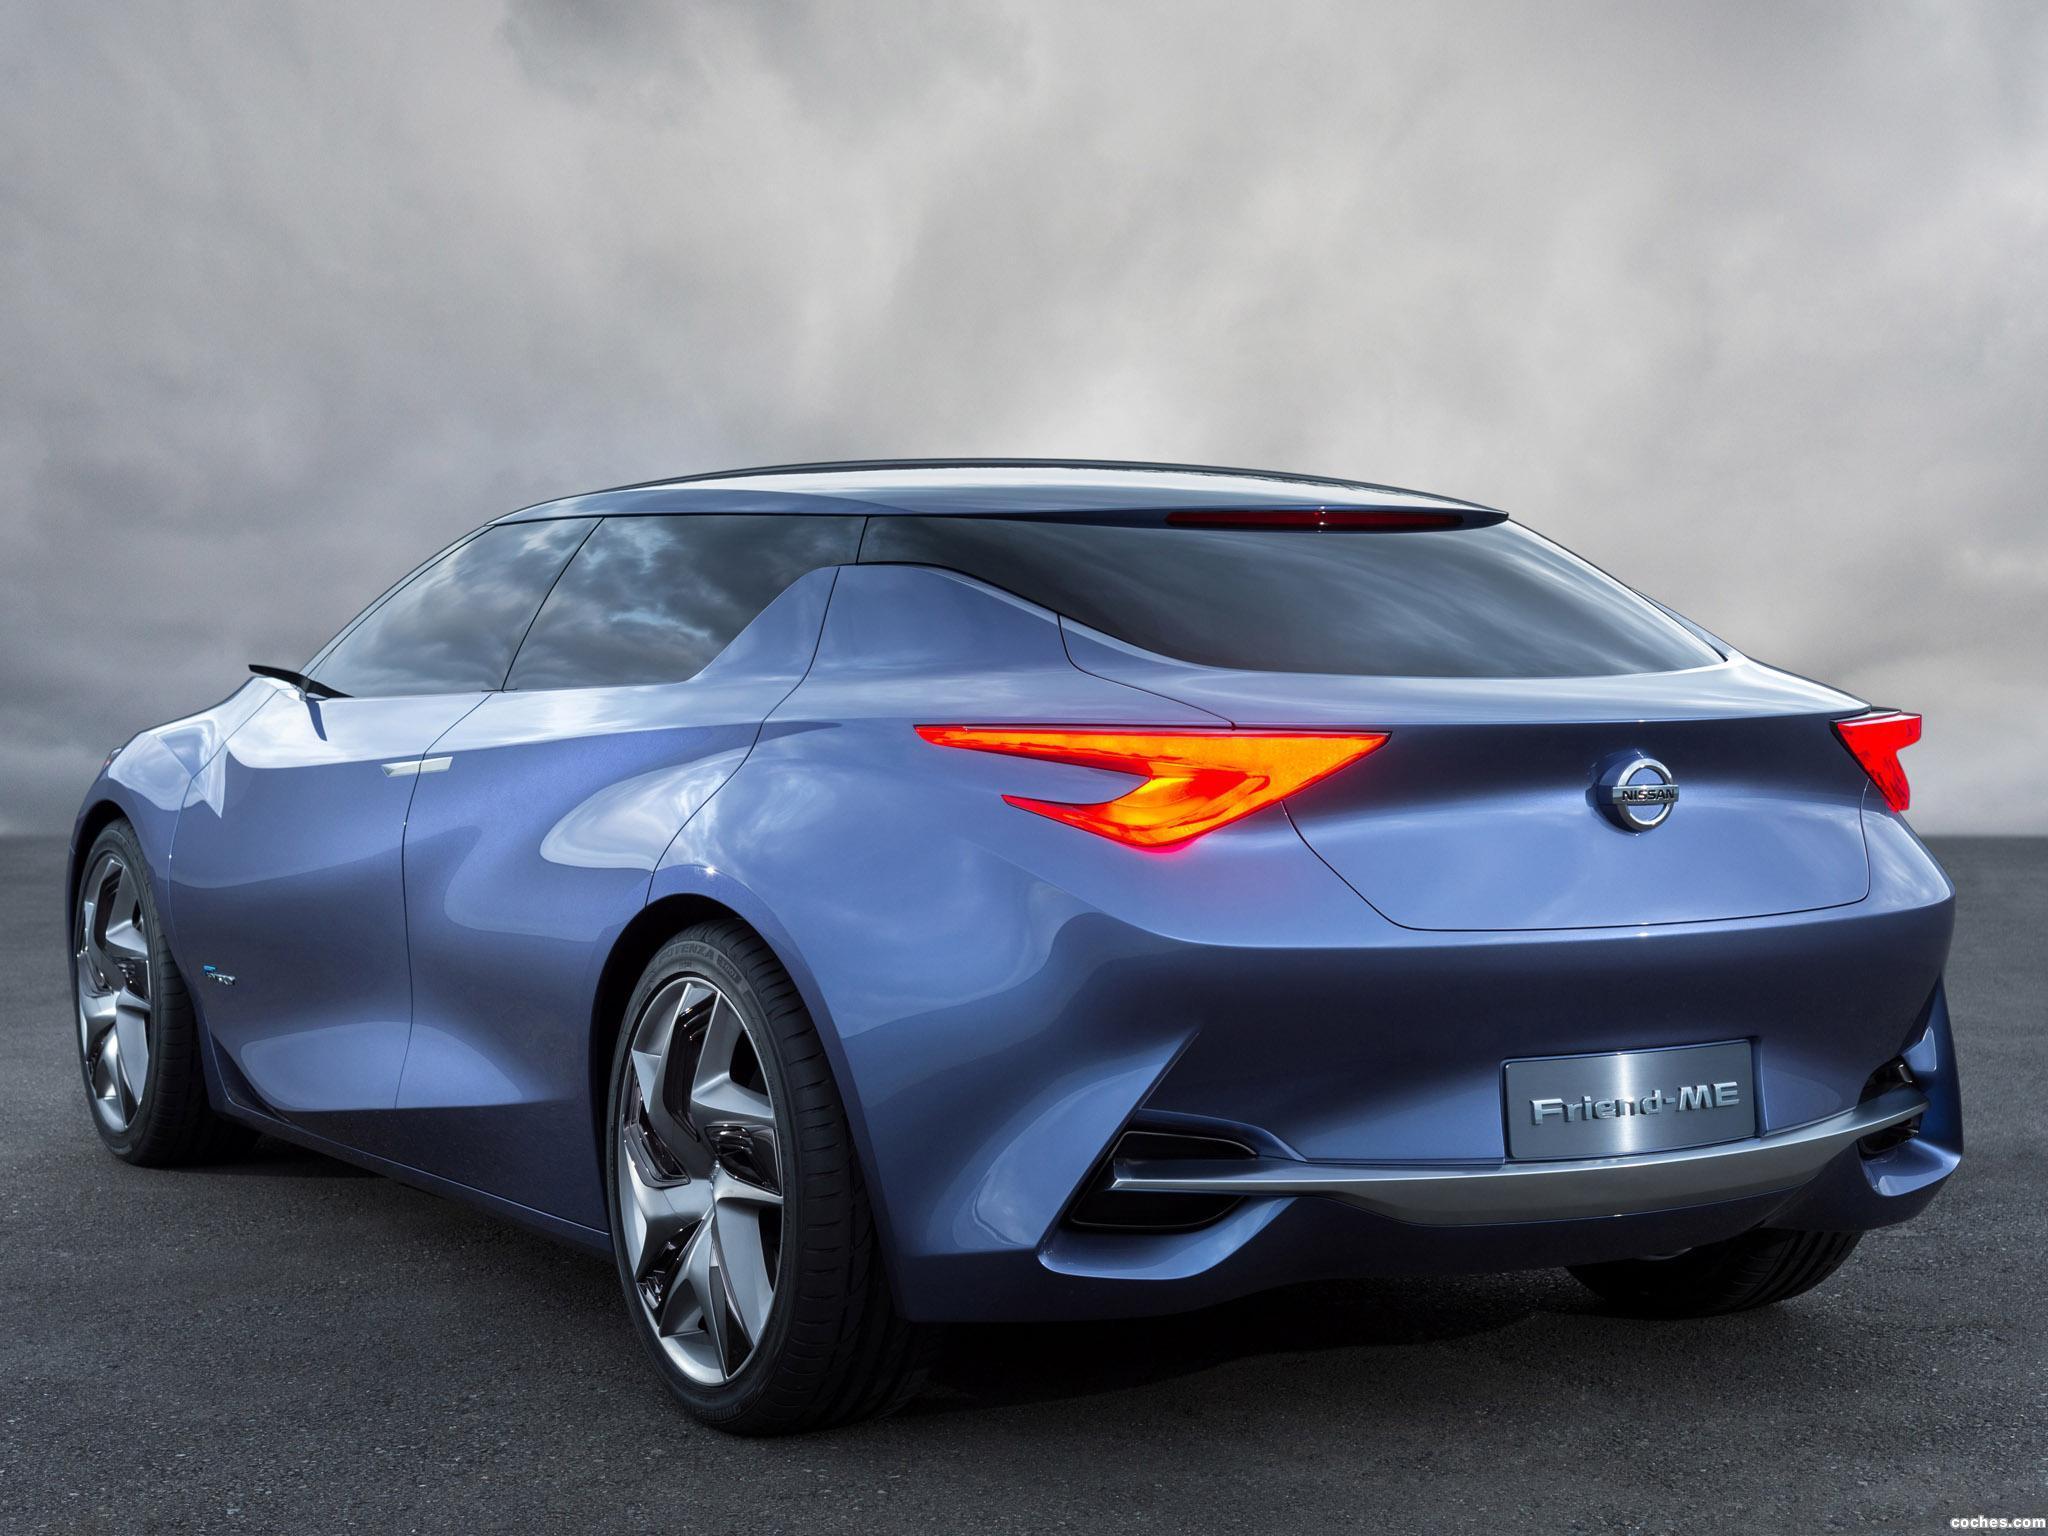 Foto 16 de Nissan Friend-ME Concept 2013